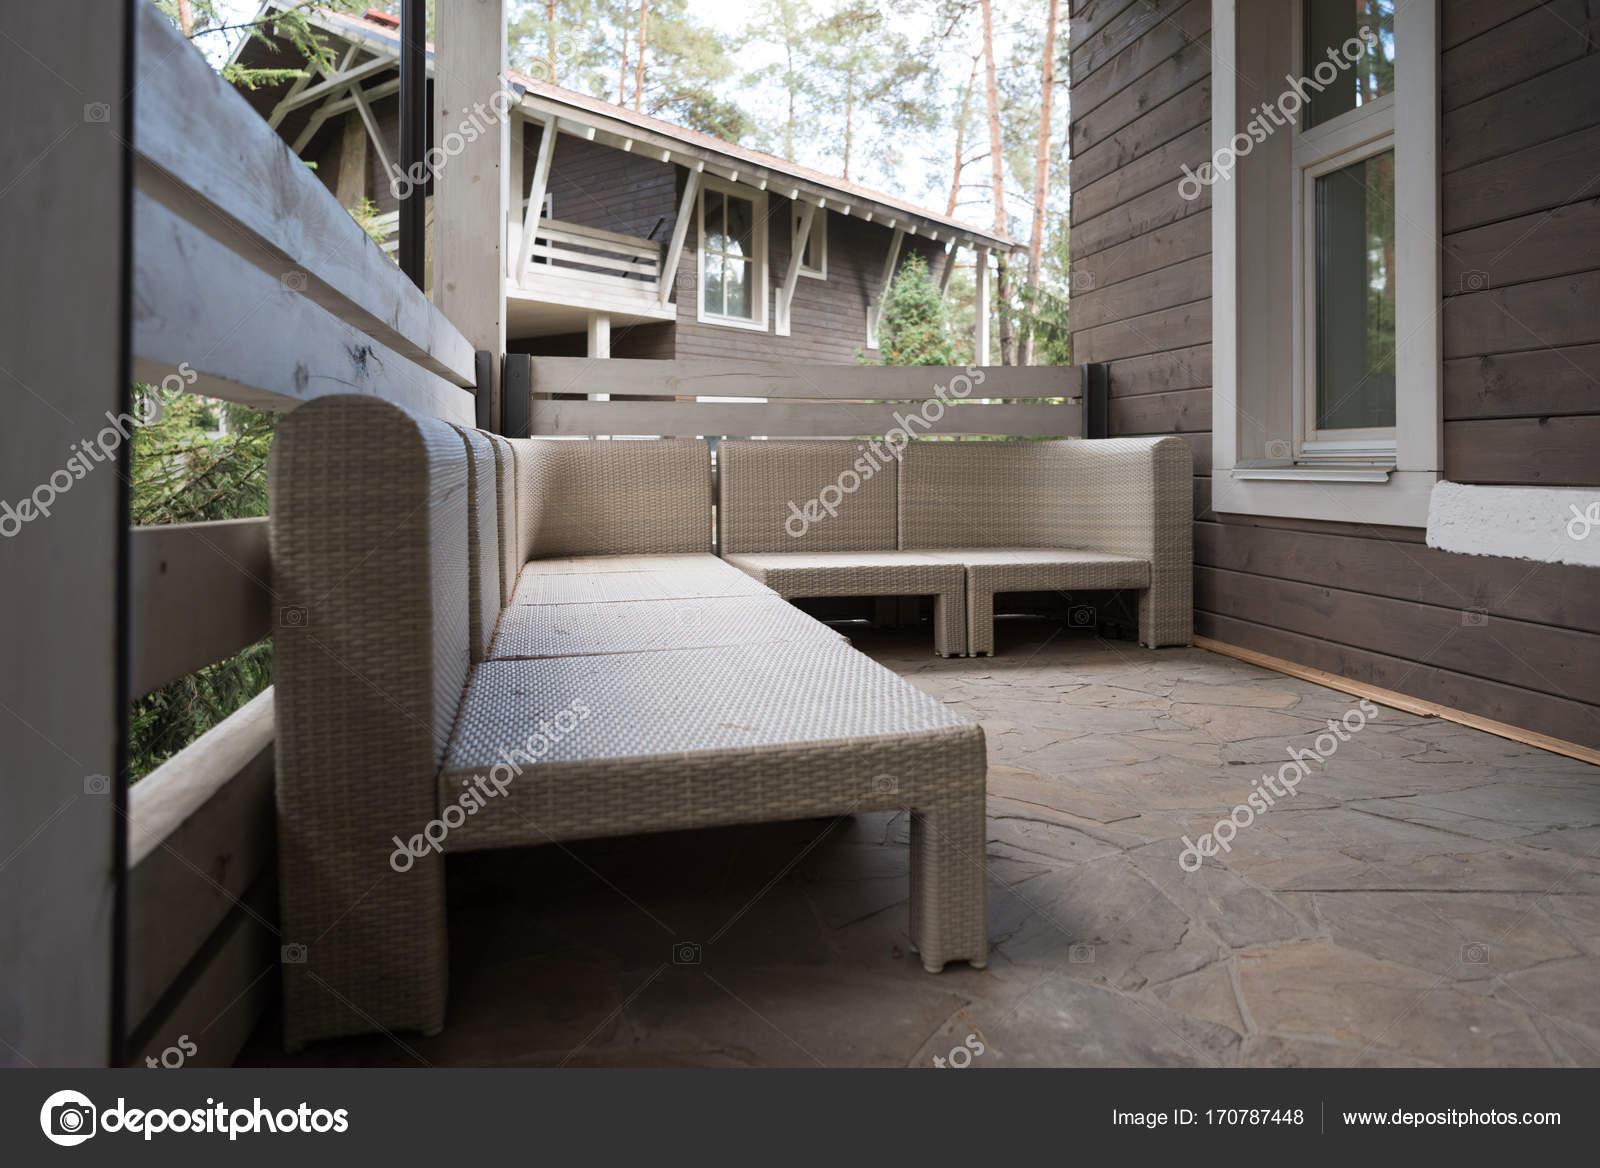 Terrazza in casa di campagna moderna foto stock for Casa moderna in campagna